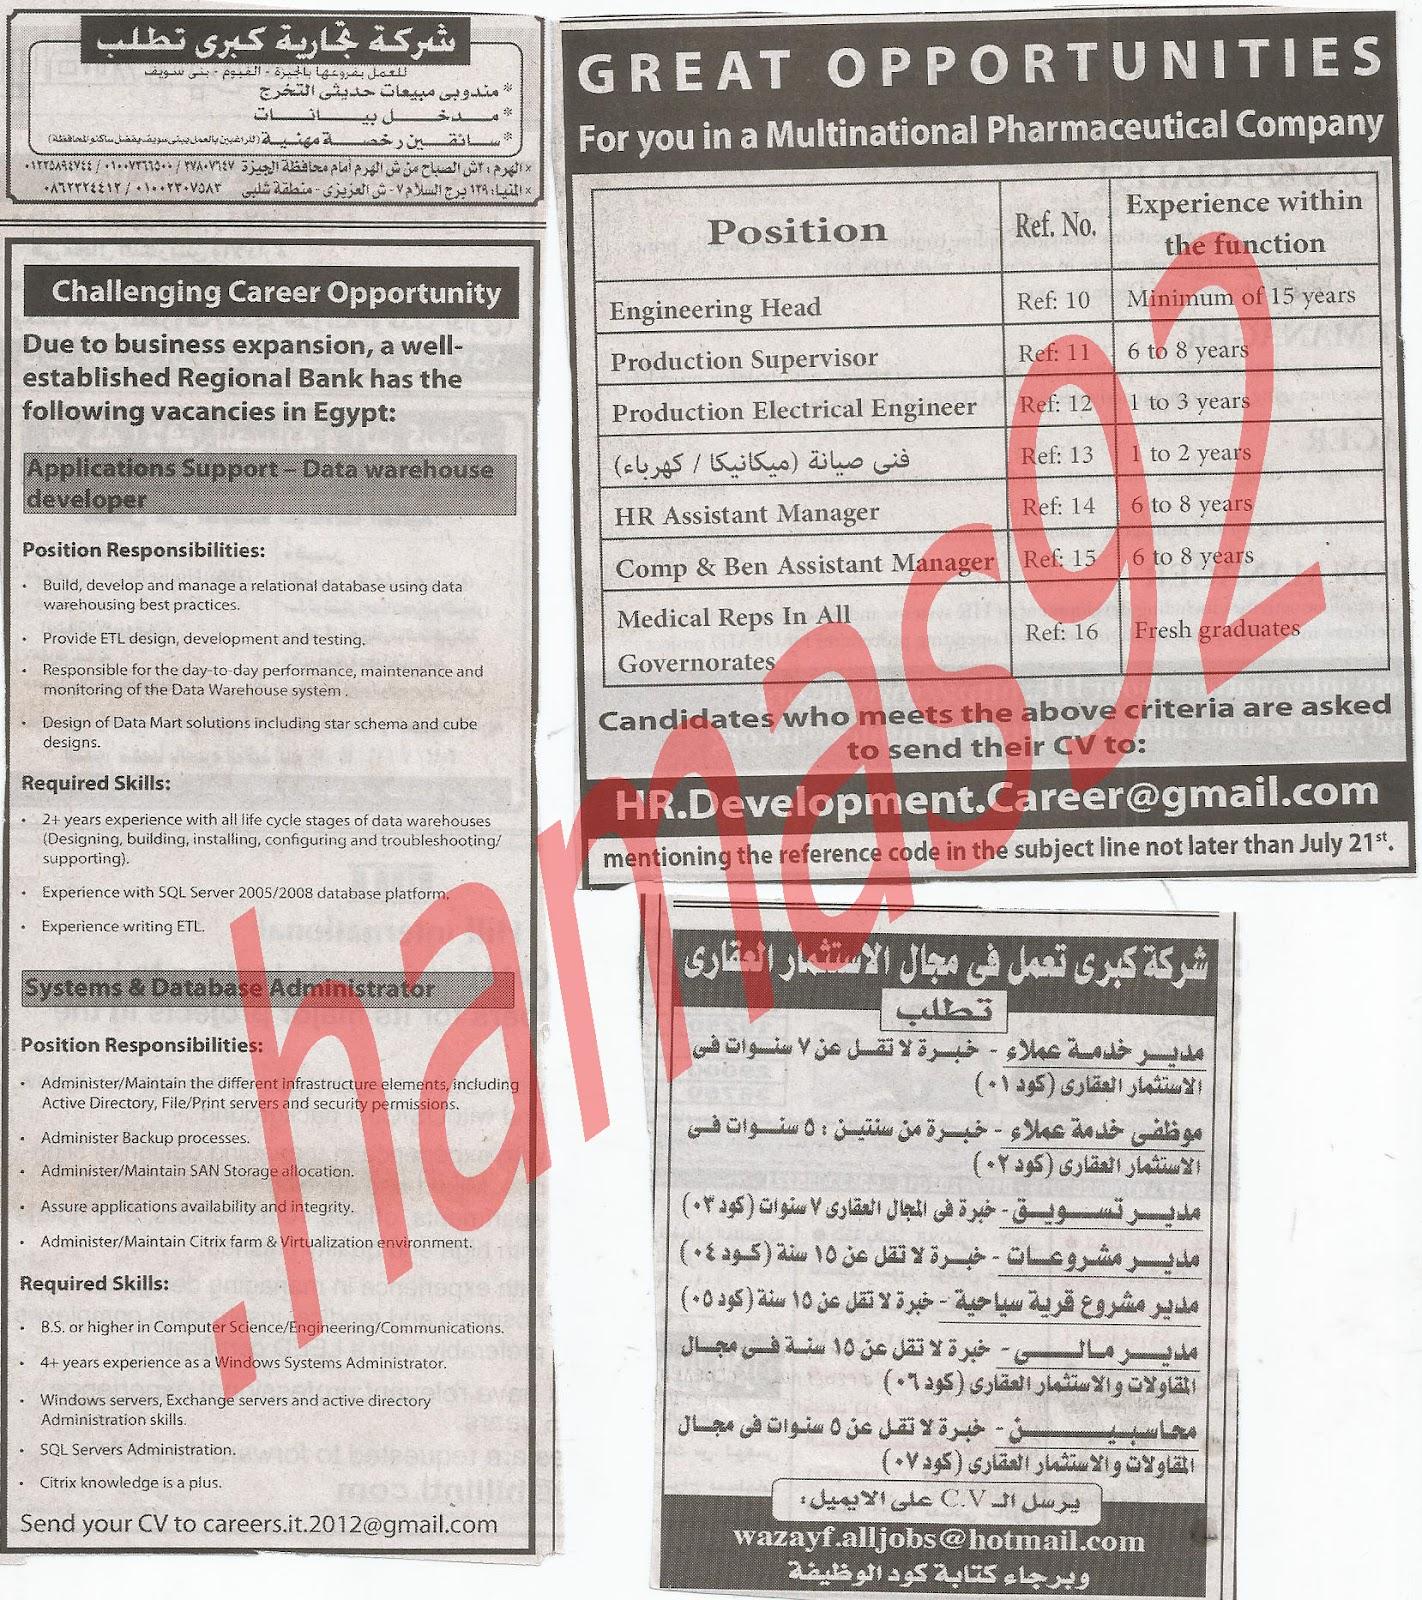 اعلانات وظائف جريدة الاهرام الجمعة 13/7/2012 كاملة - الاهرام الاسبوعى 2